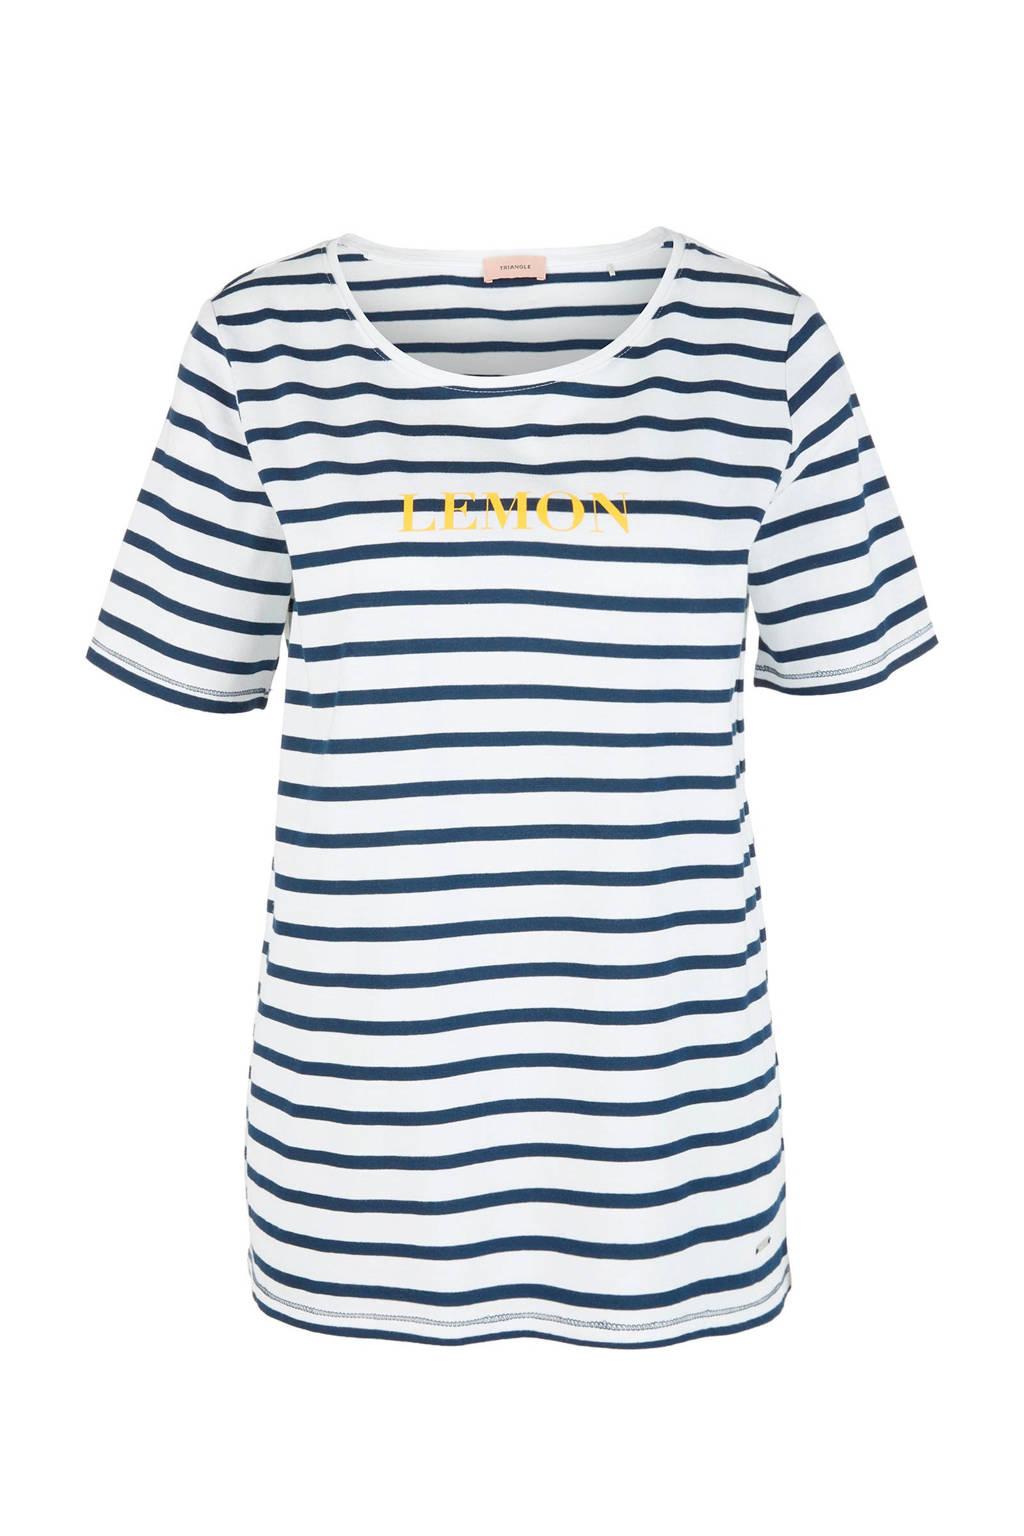 TRIANGLE gestreept T-shirt blauw/wit, Blauw/wit